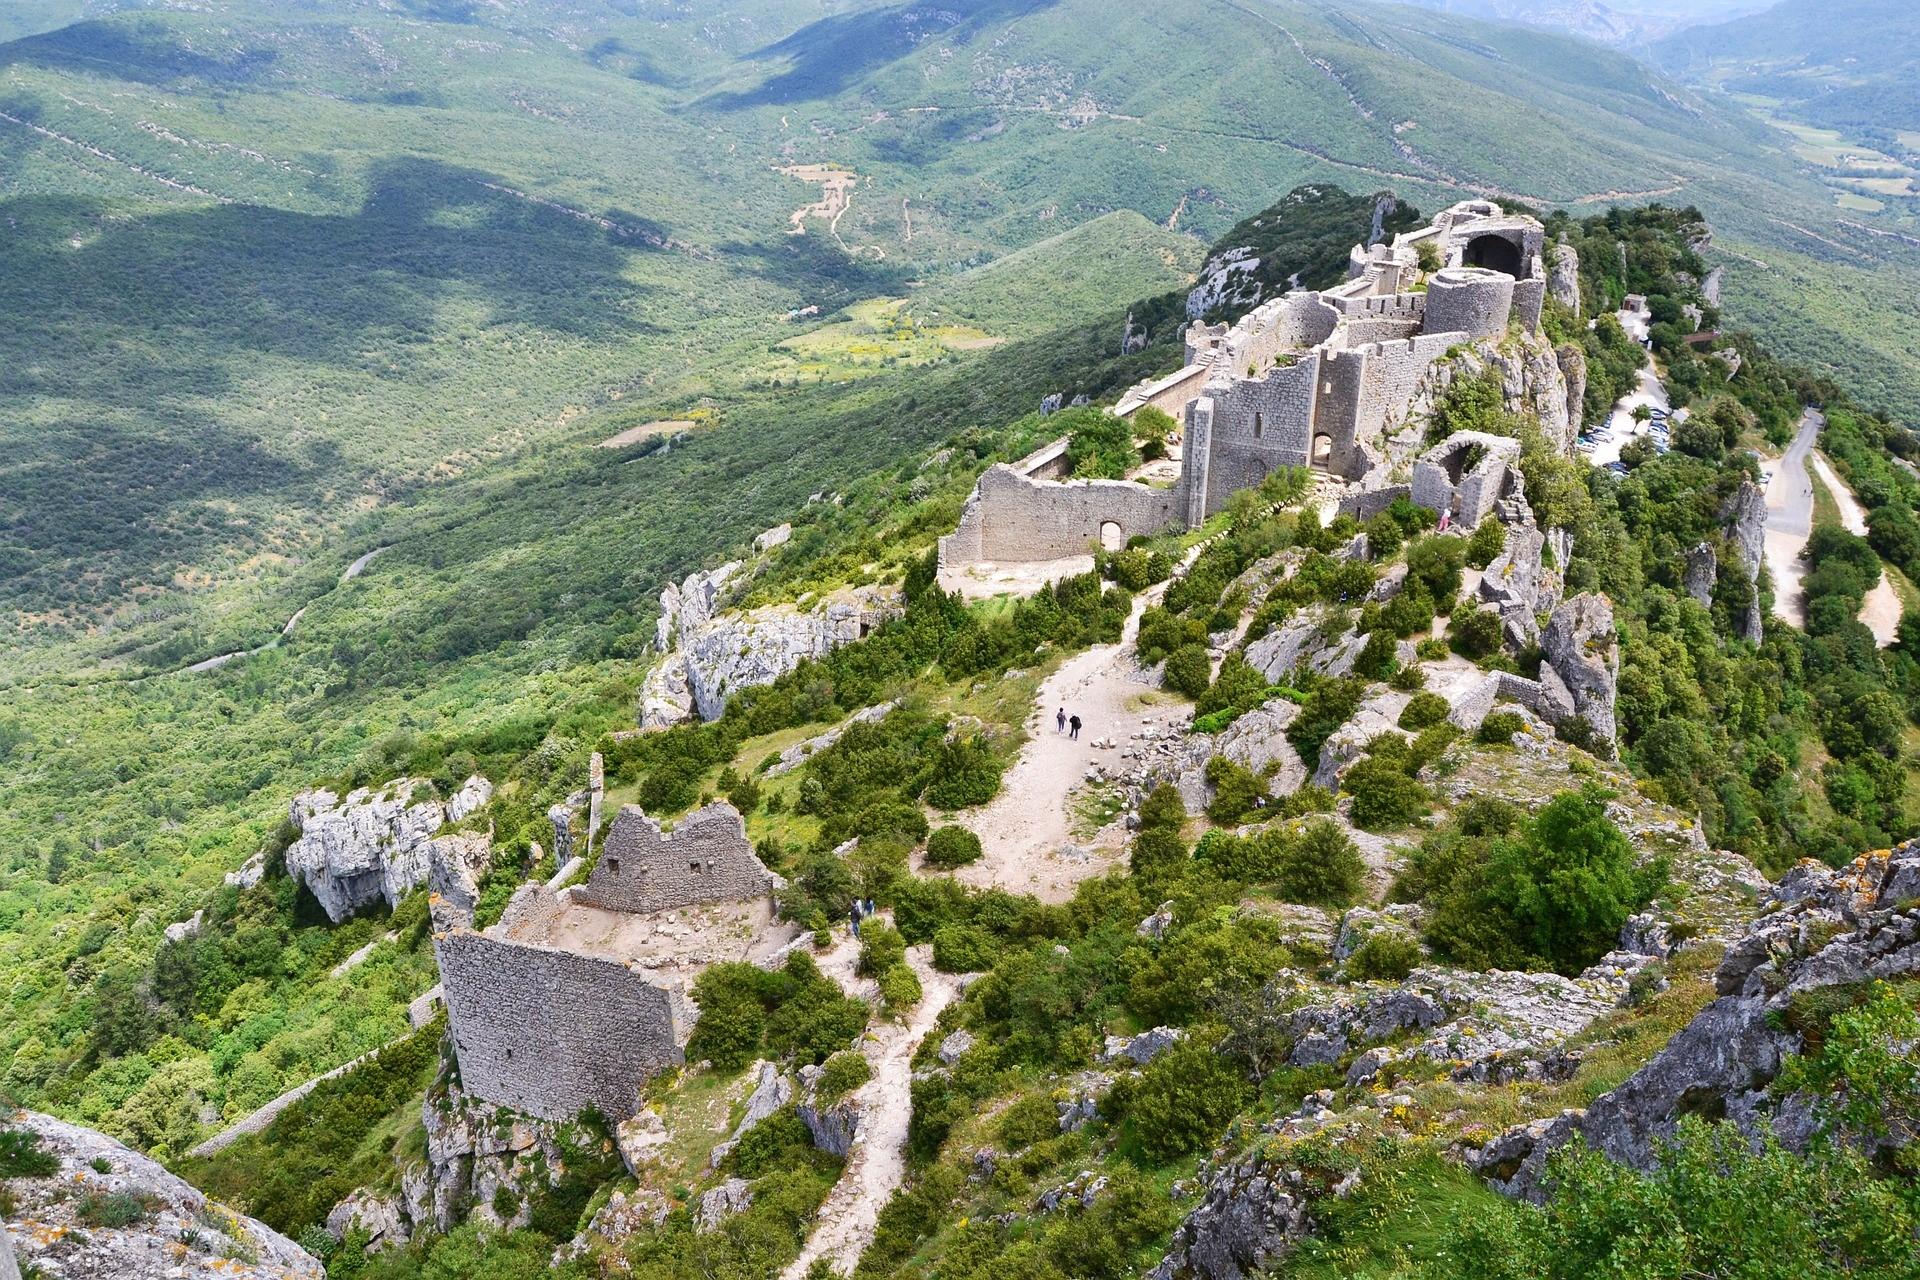 De mooiste monumenten en gebouwen in Occitanië